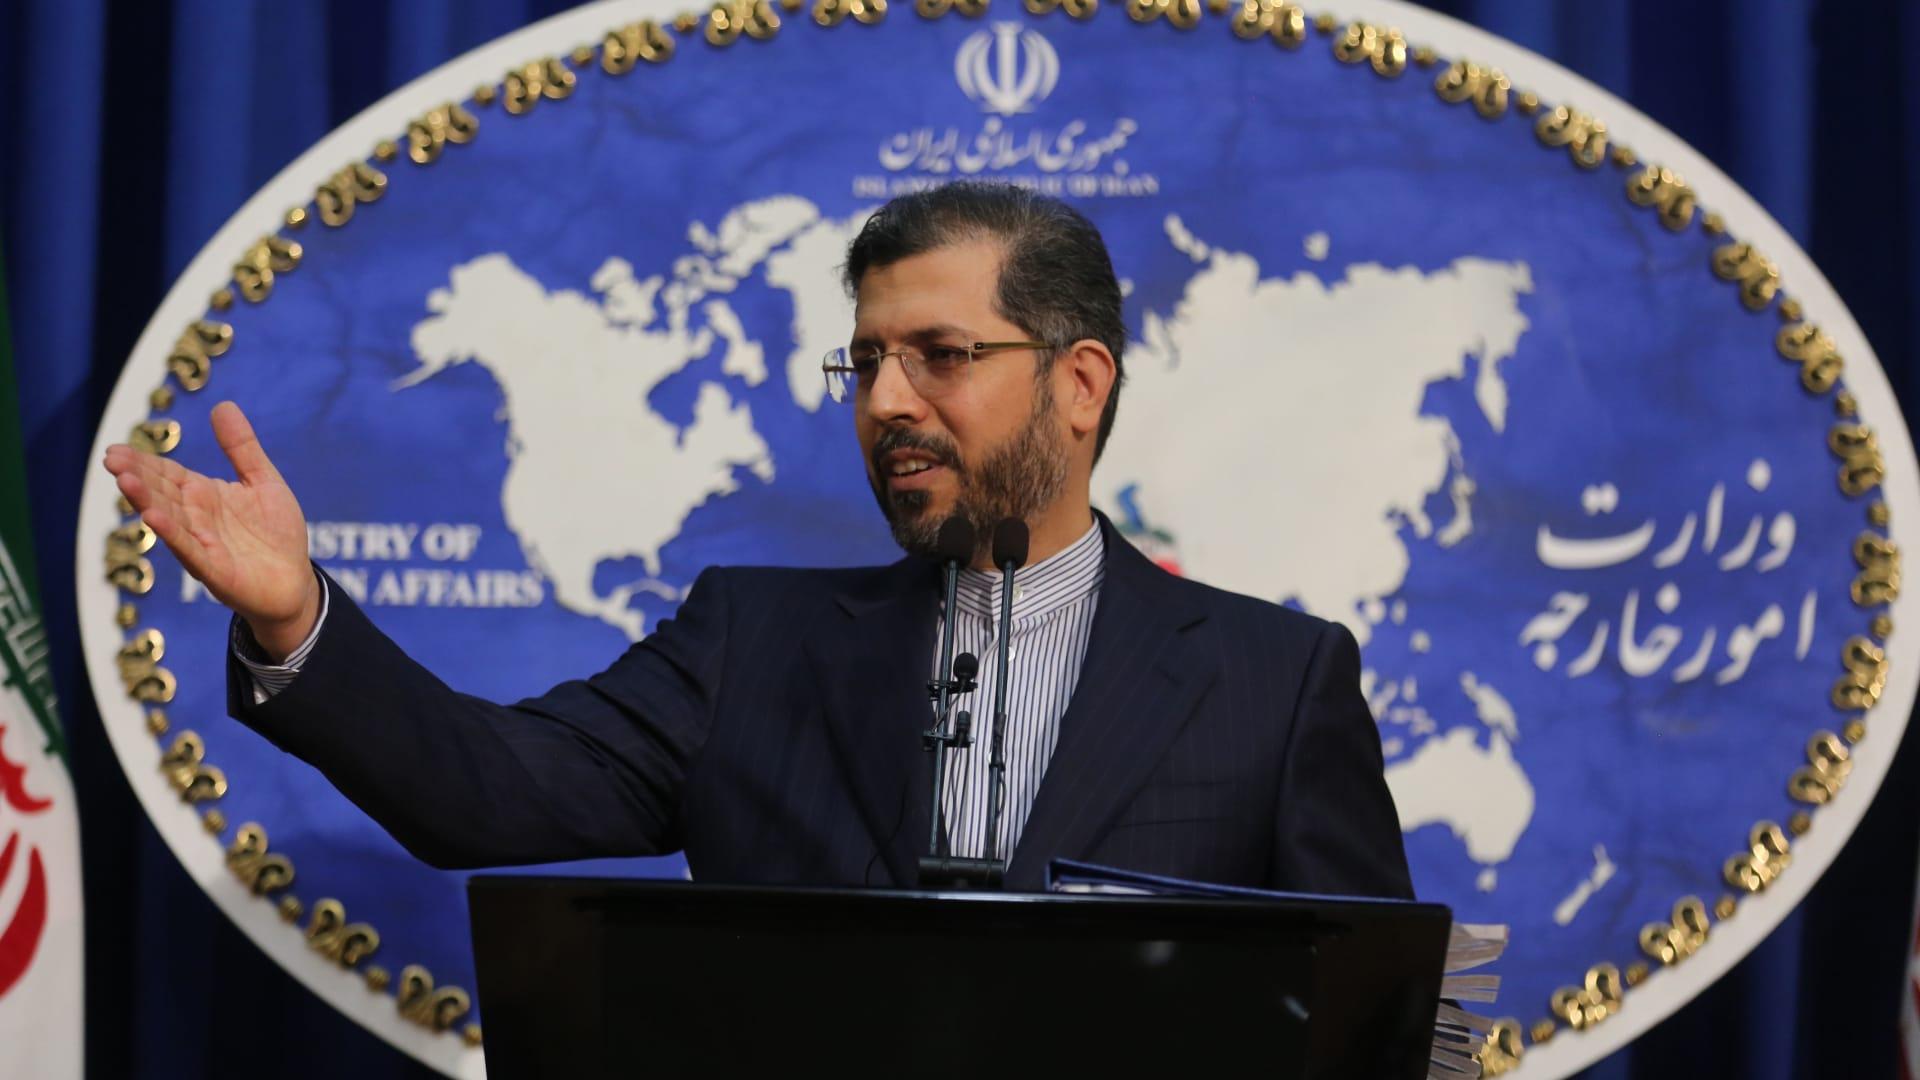 ميقاتي حول شحنات الوقود الإيراني: غياب لسيادة لبنان ولا نخشى عقوبات